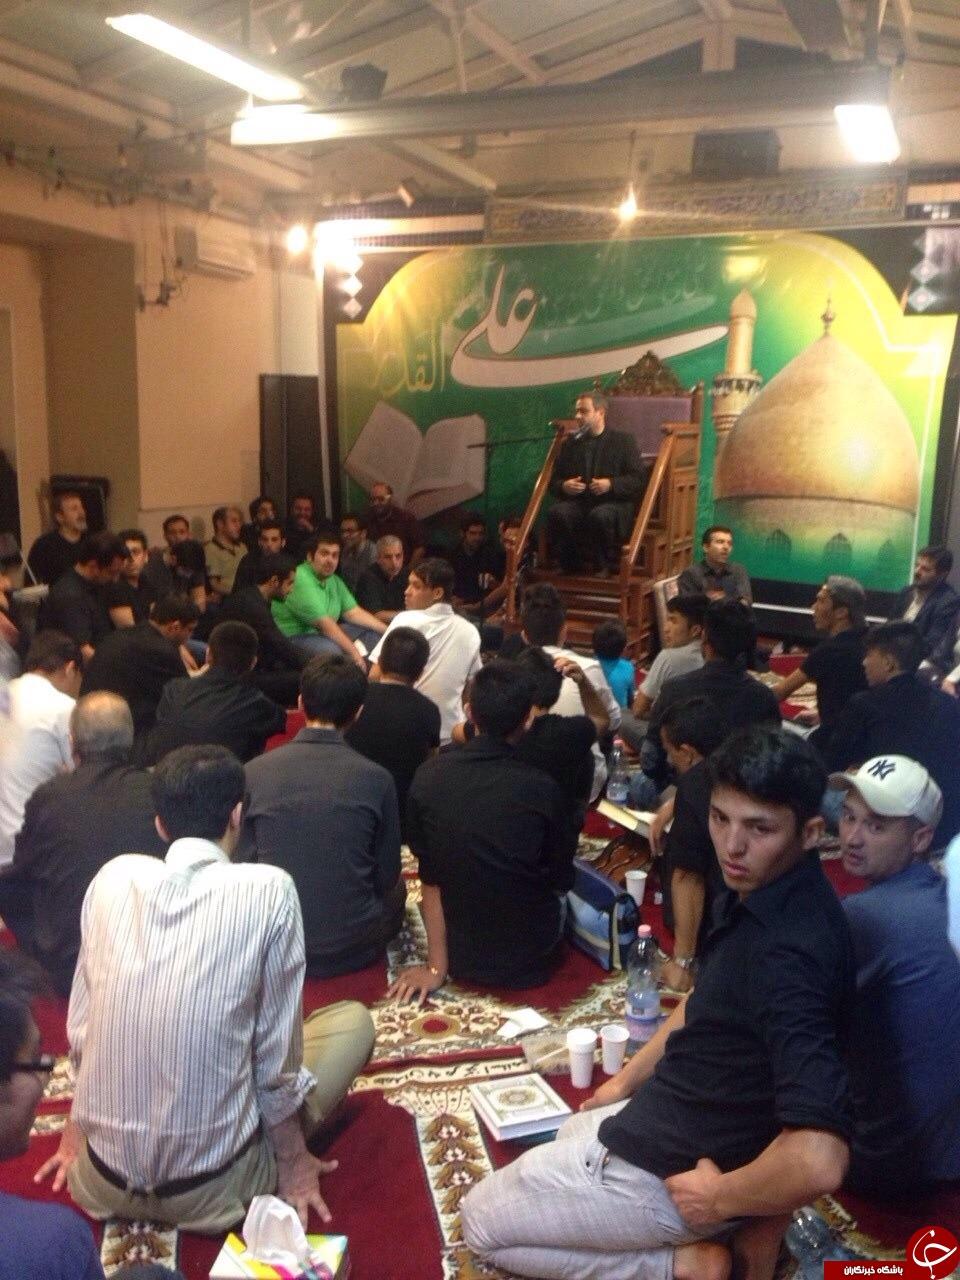 حضور هیئت مذاکره کننده ایرانی در مراسم شب قدر وین+تصویر